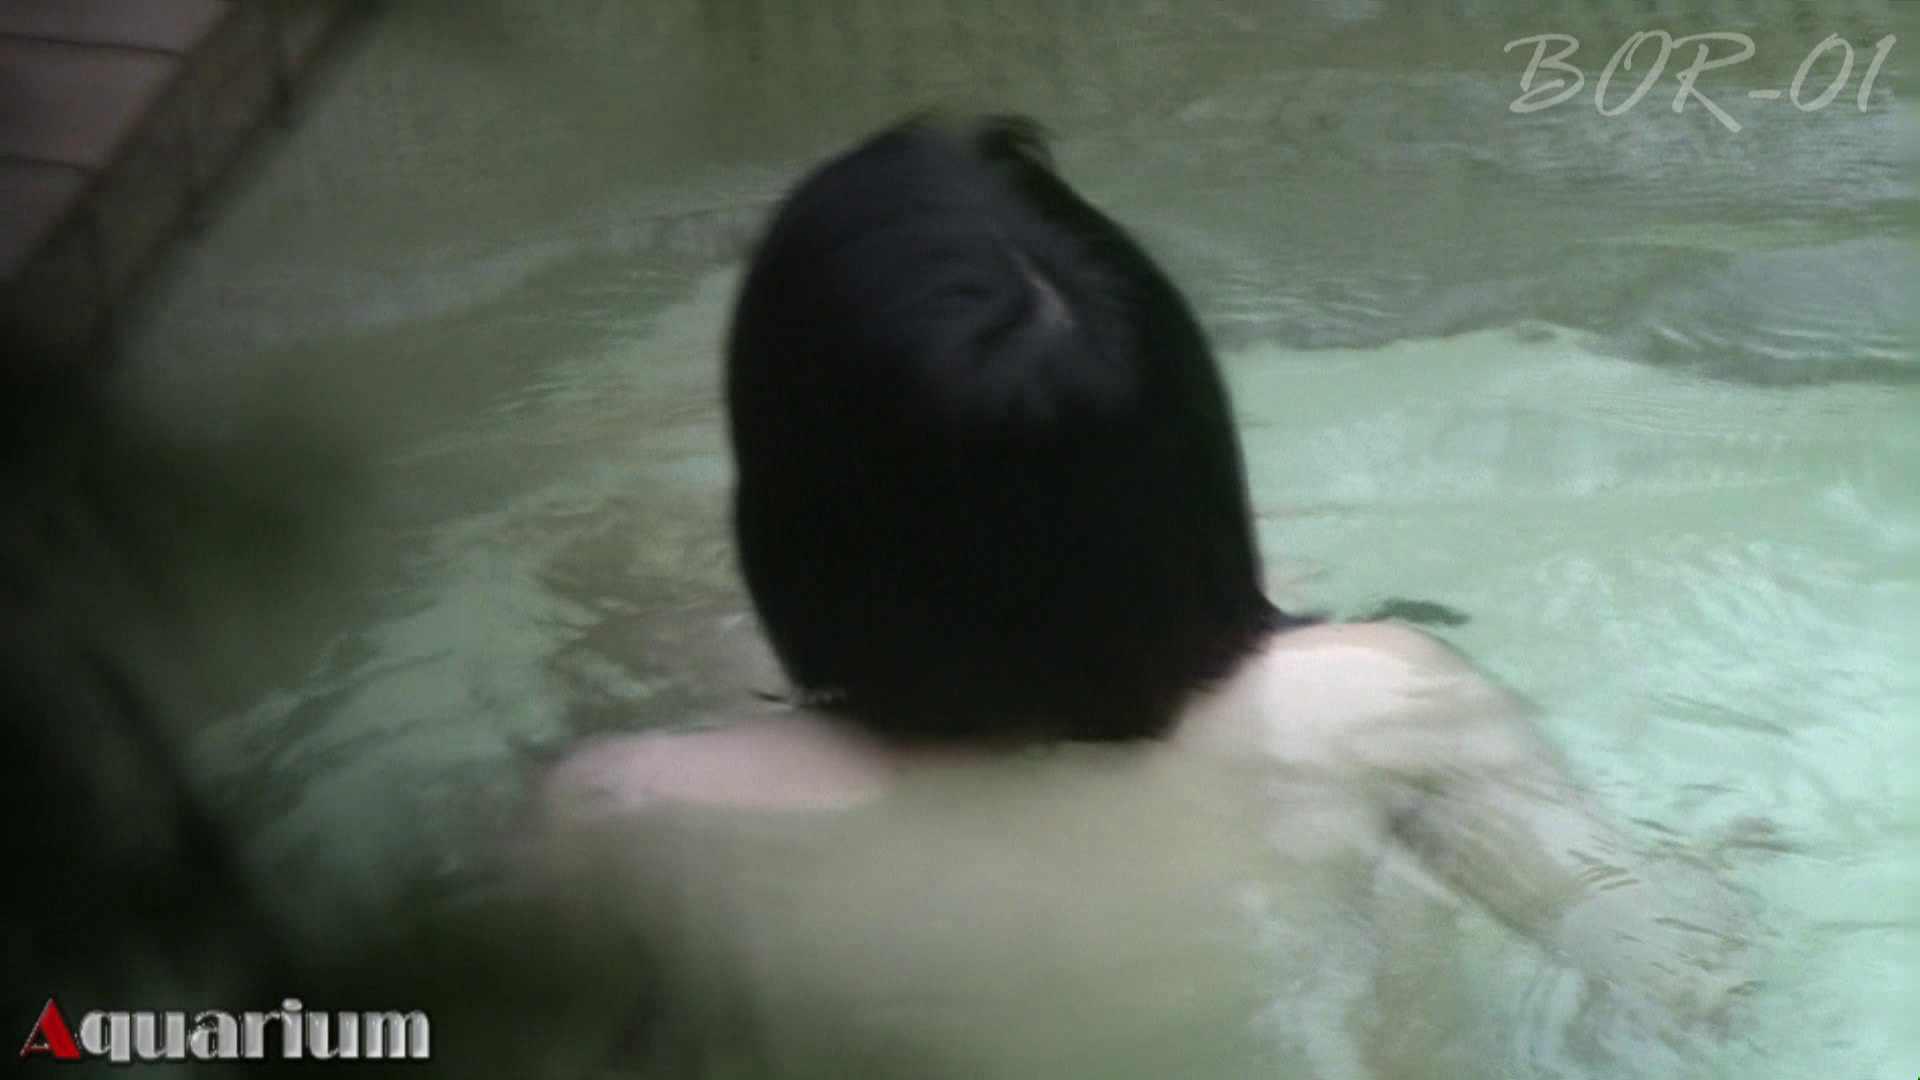 Aquaな露天風呂Vol.466 OLエロ画像 | 露天  93PICs 31